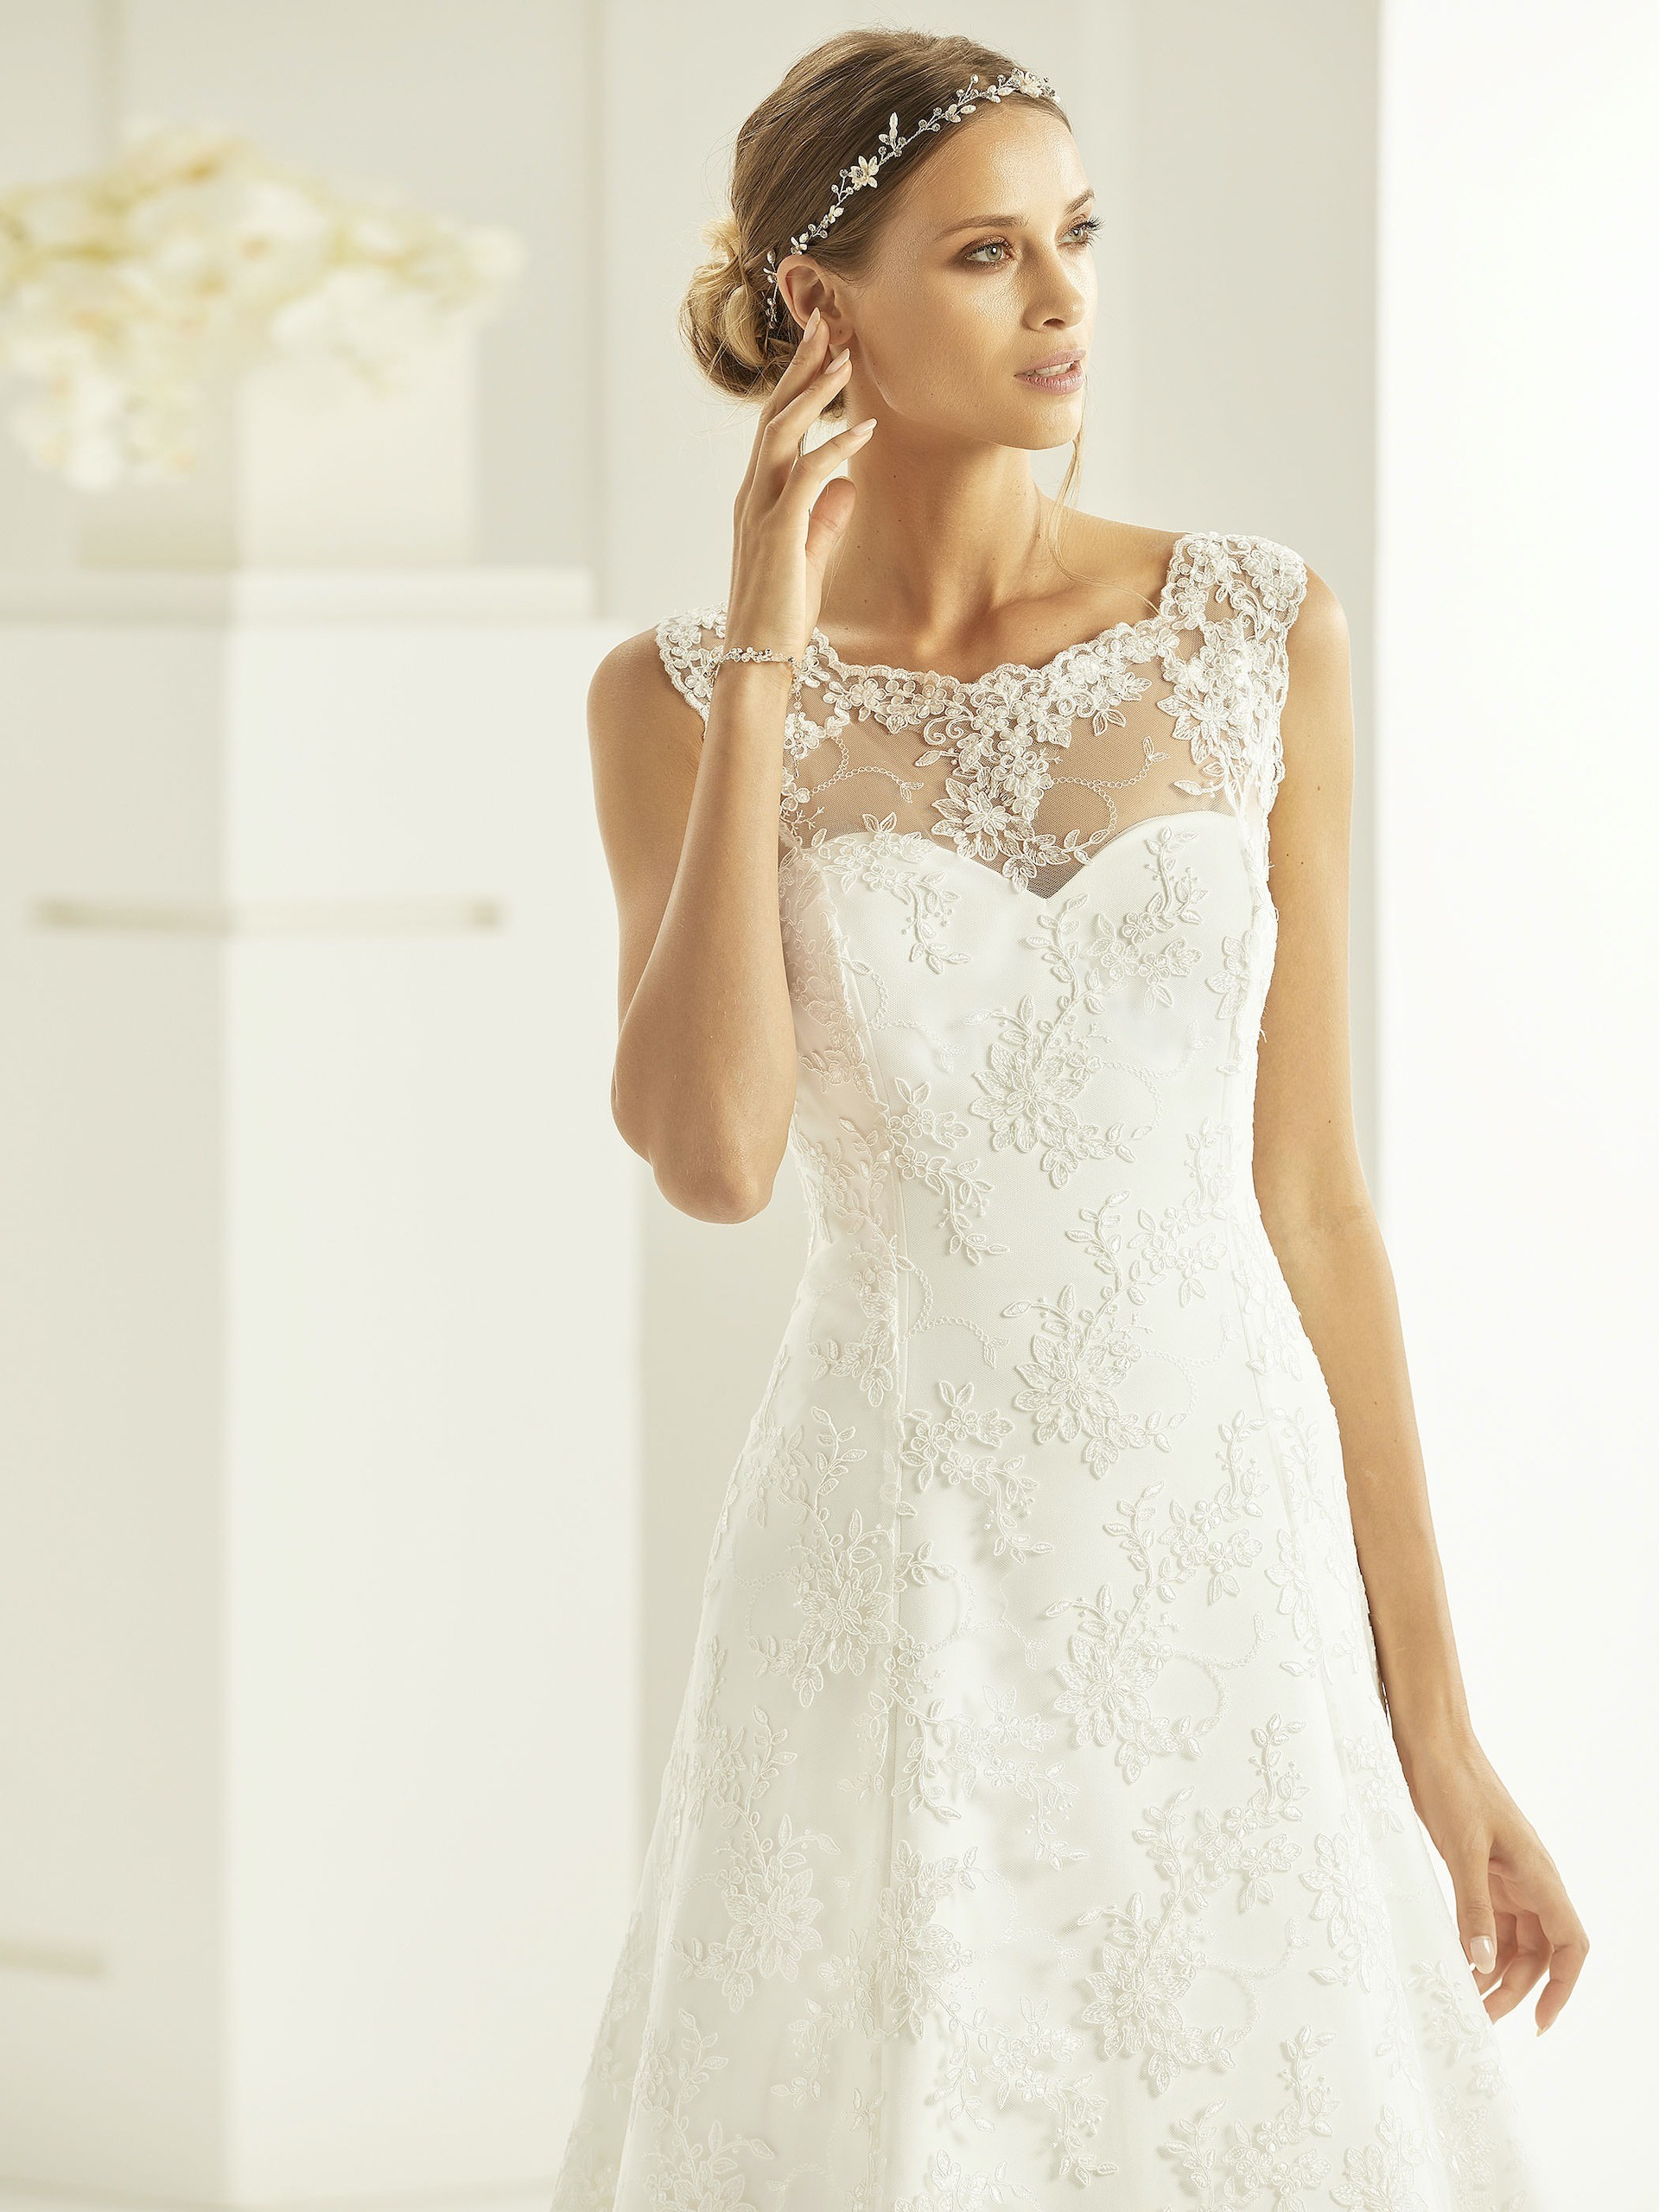 Hochzeitskleid in A-Linie mit Spitze, Illusion-Ausschnitt und Schleppe von Bianco Evento, Modell Sabrina